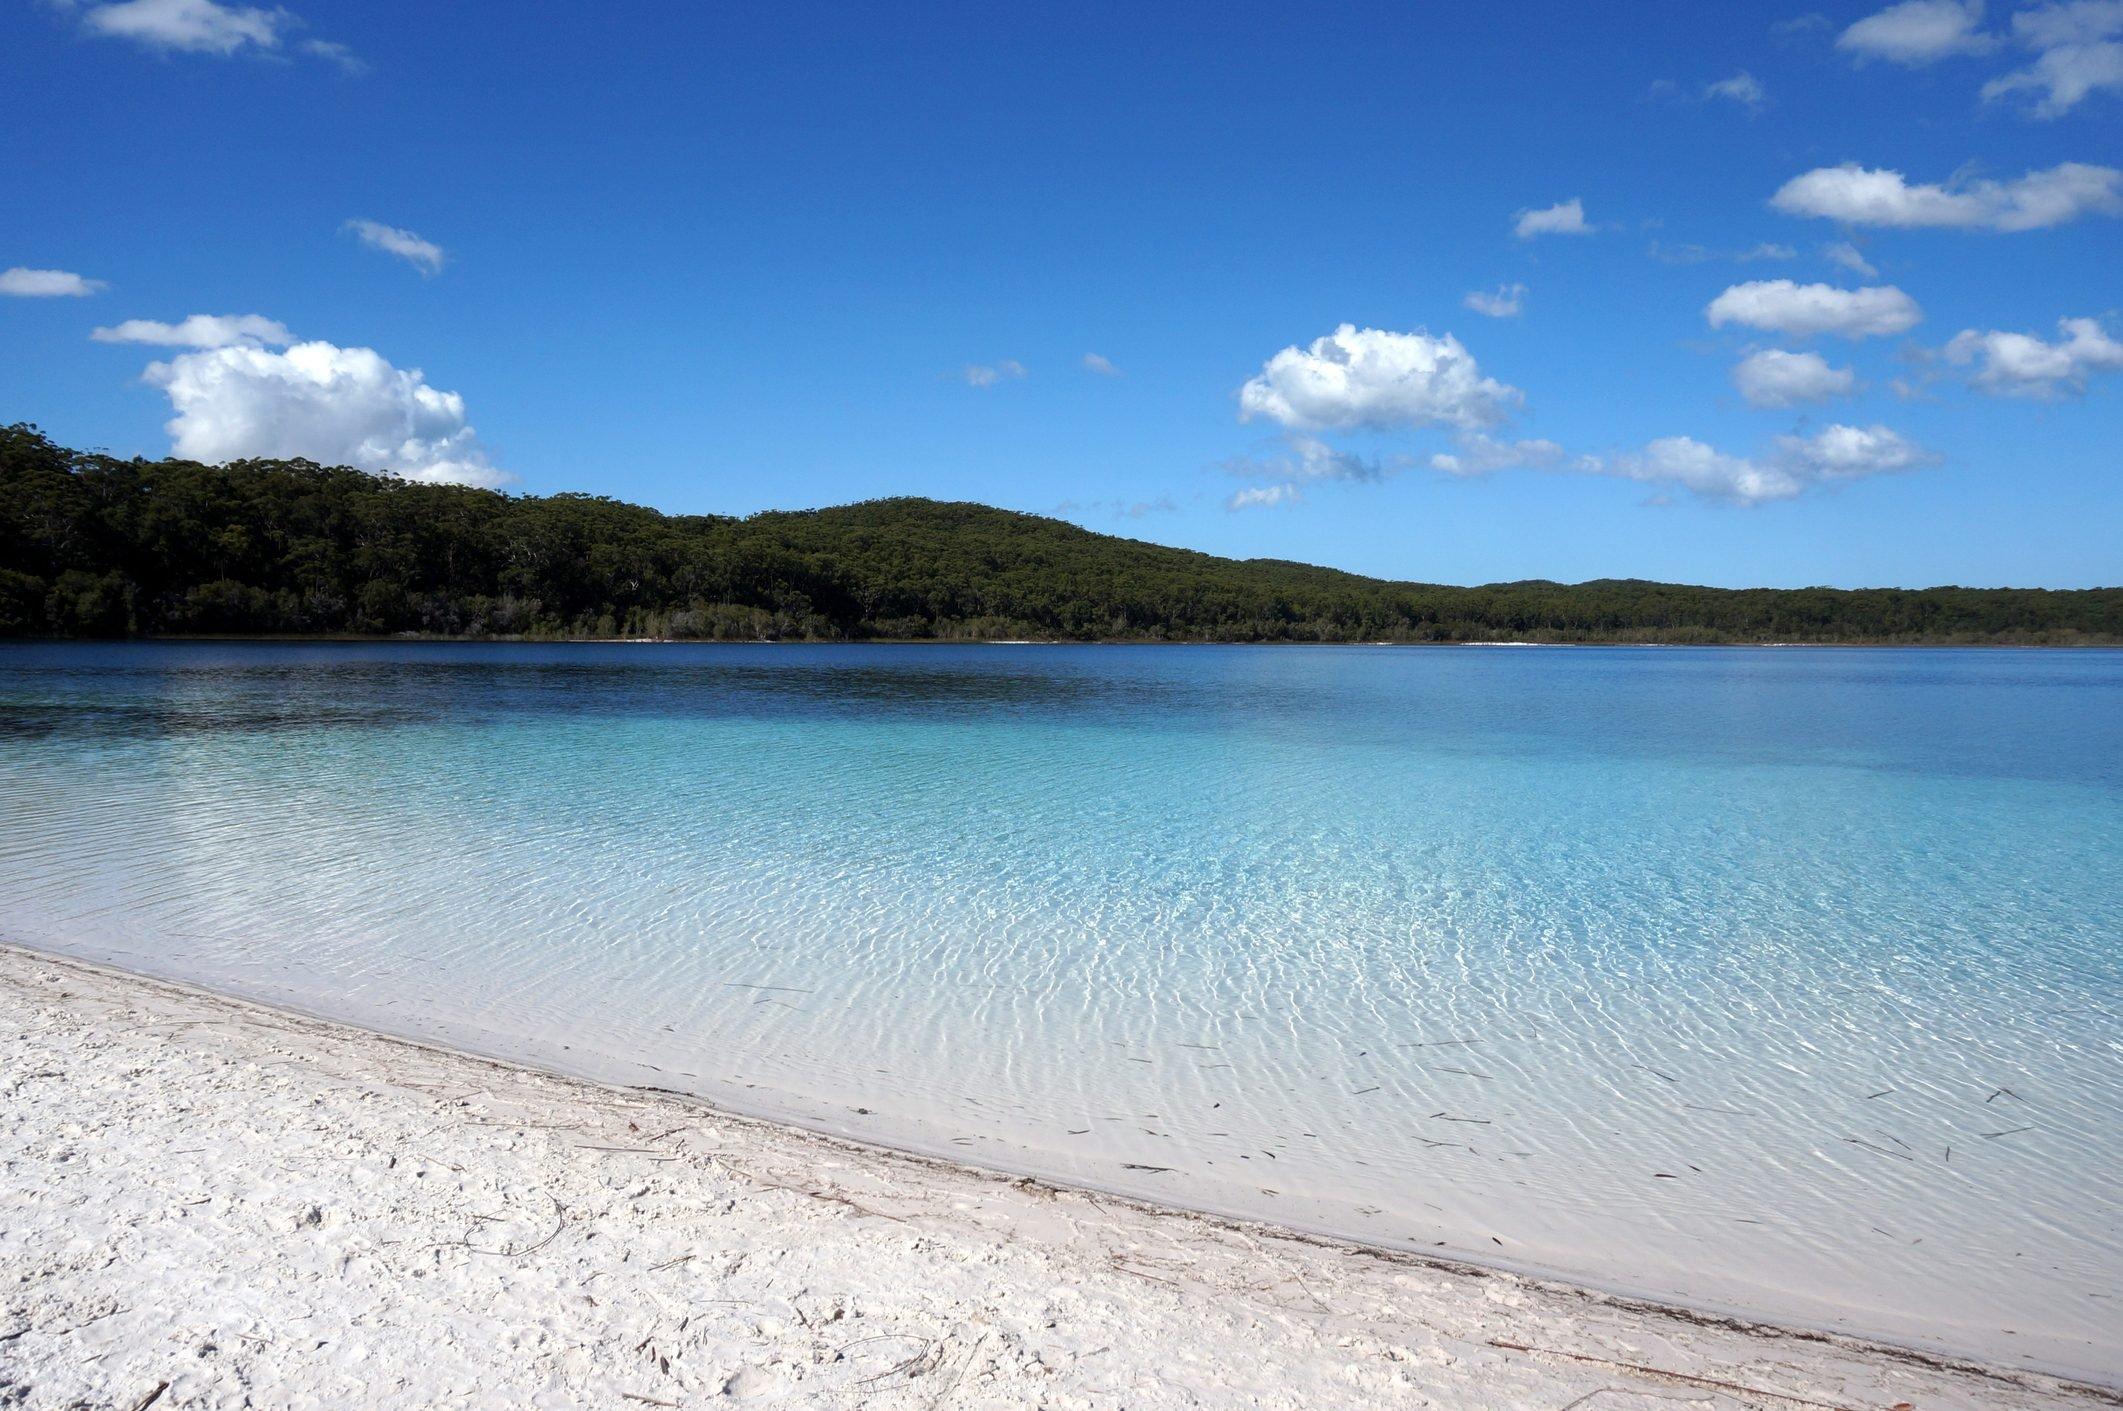 Lake McKenzie view